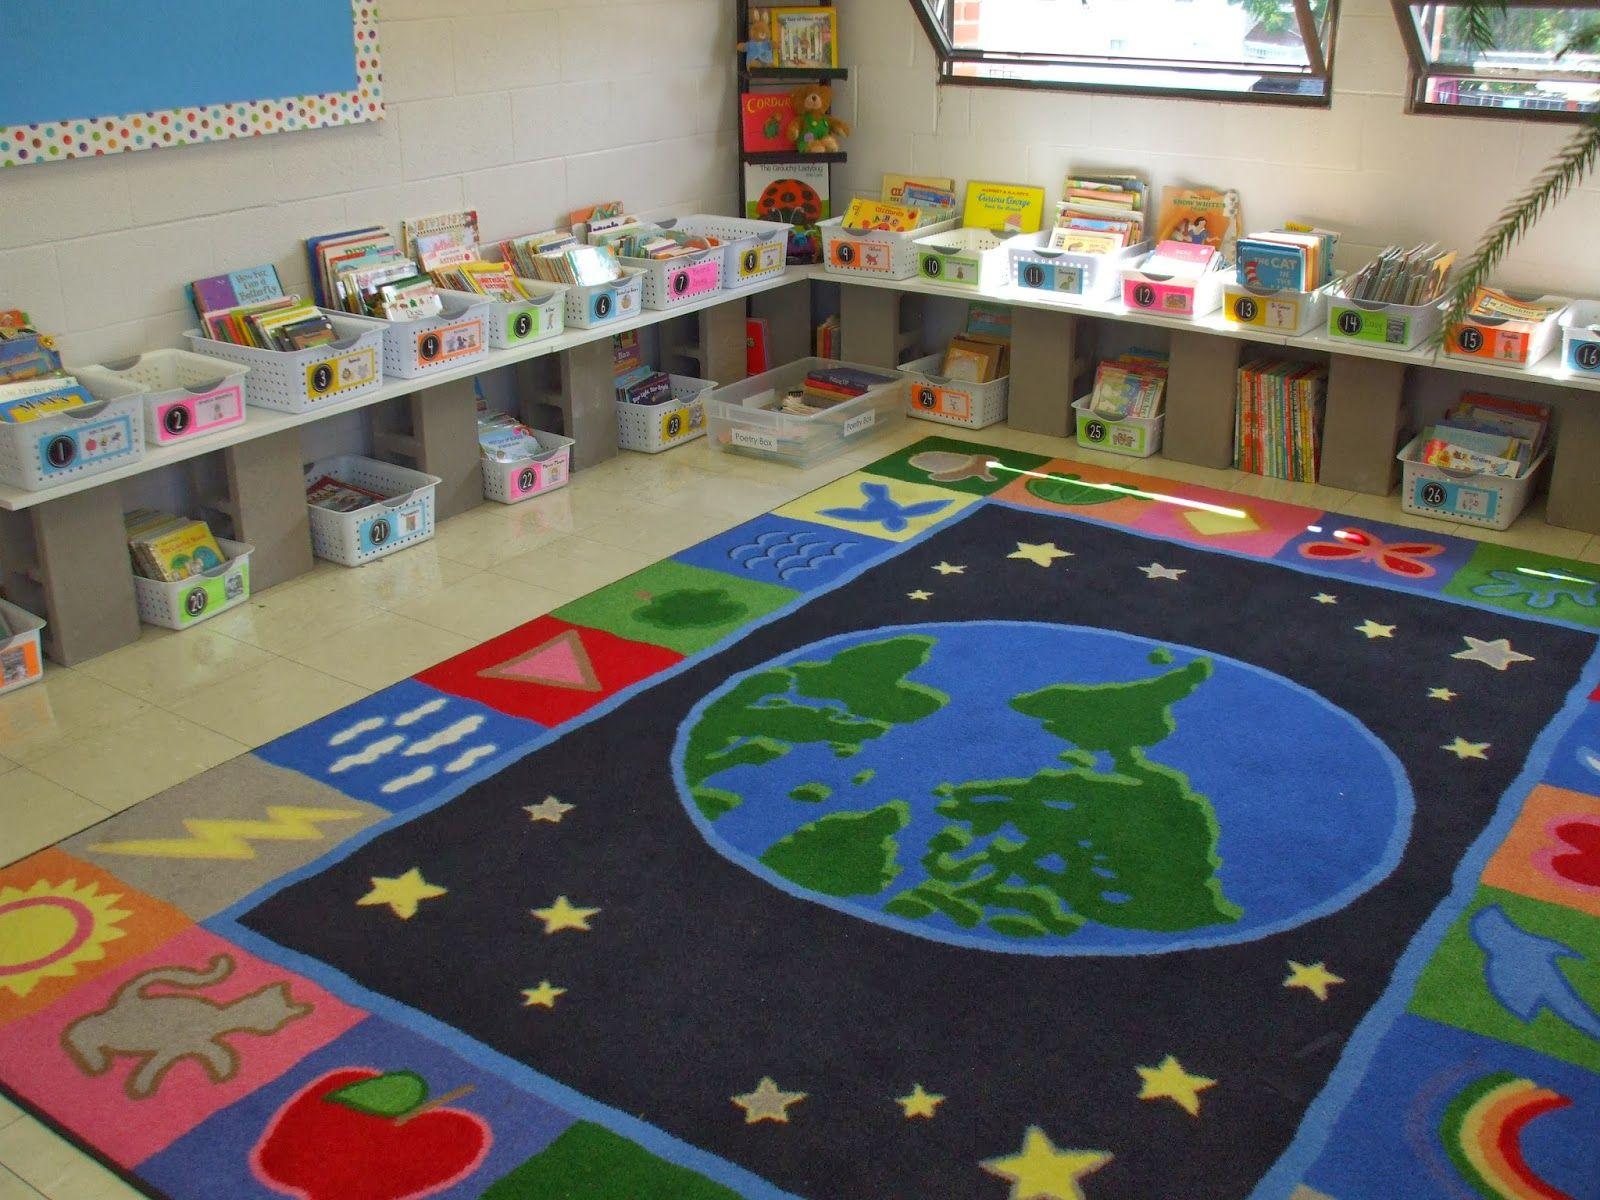 Vile sch ne ideen f r die leseecke welcome to first grade for Raumgestaltung schule